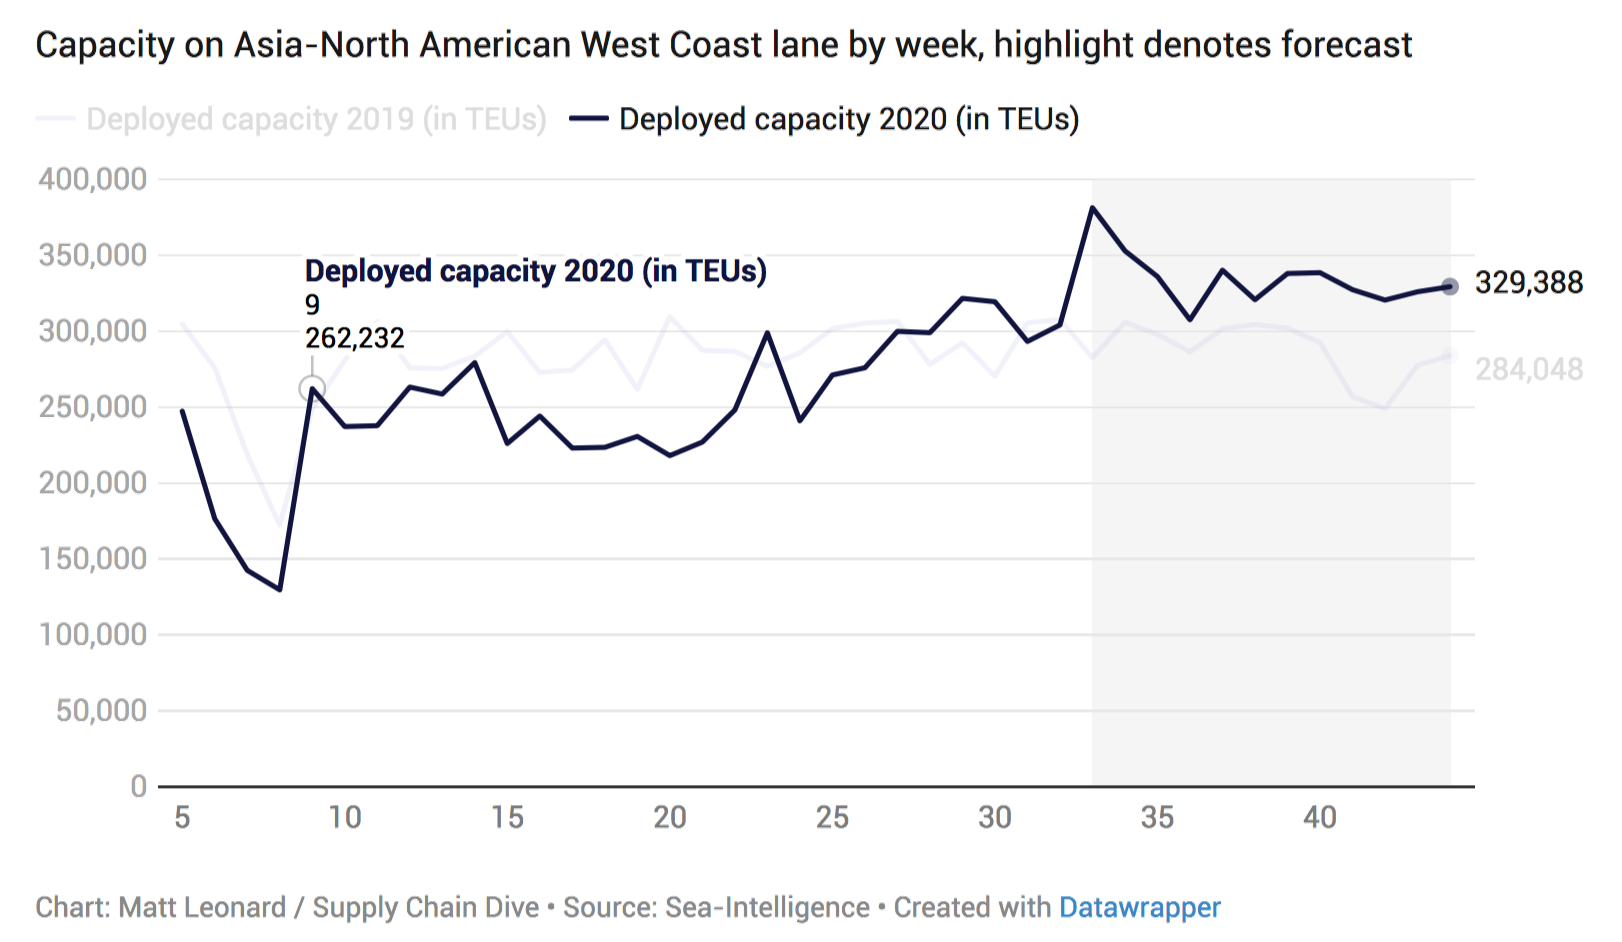 Năng lực chuyên chở tại bờ Tây Châu Á-Bắc Mỹ đang tăng lên trông thấy trong thời gian giữa năm 2020